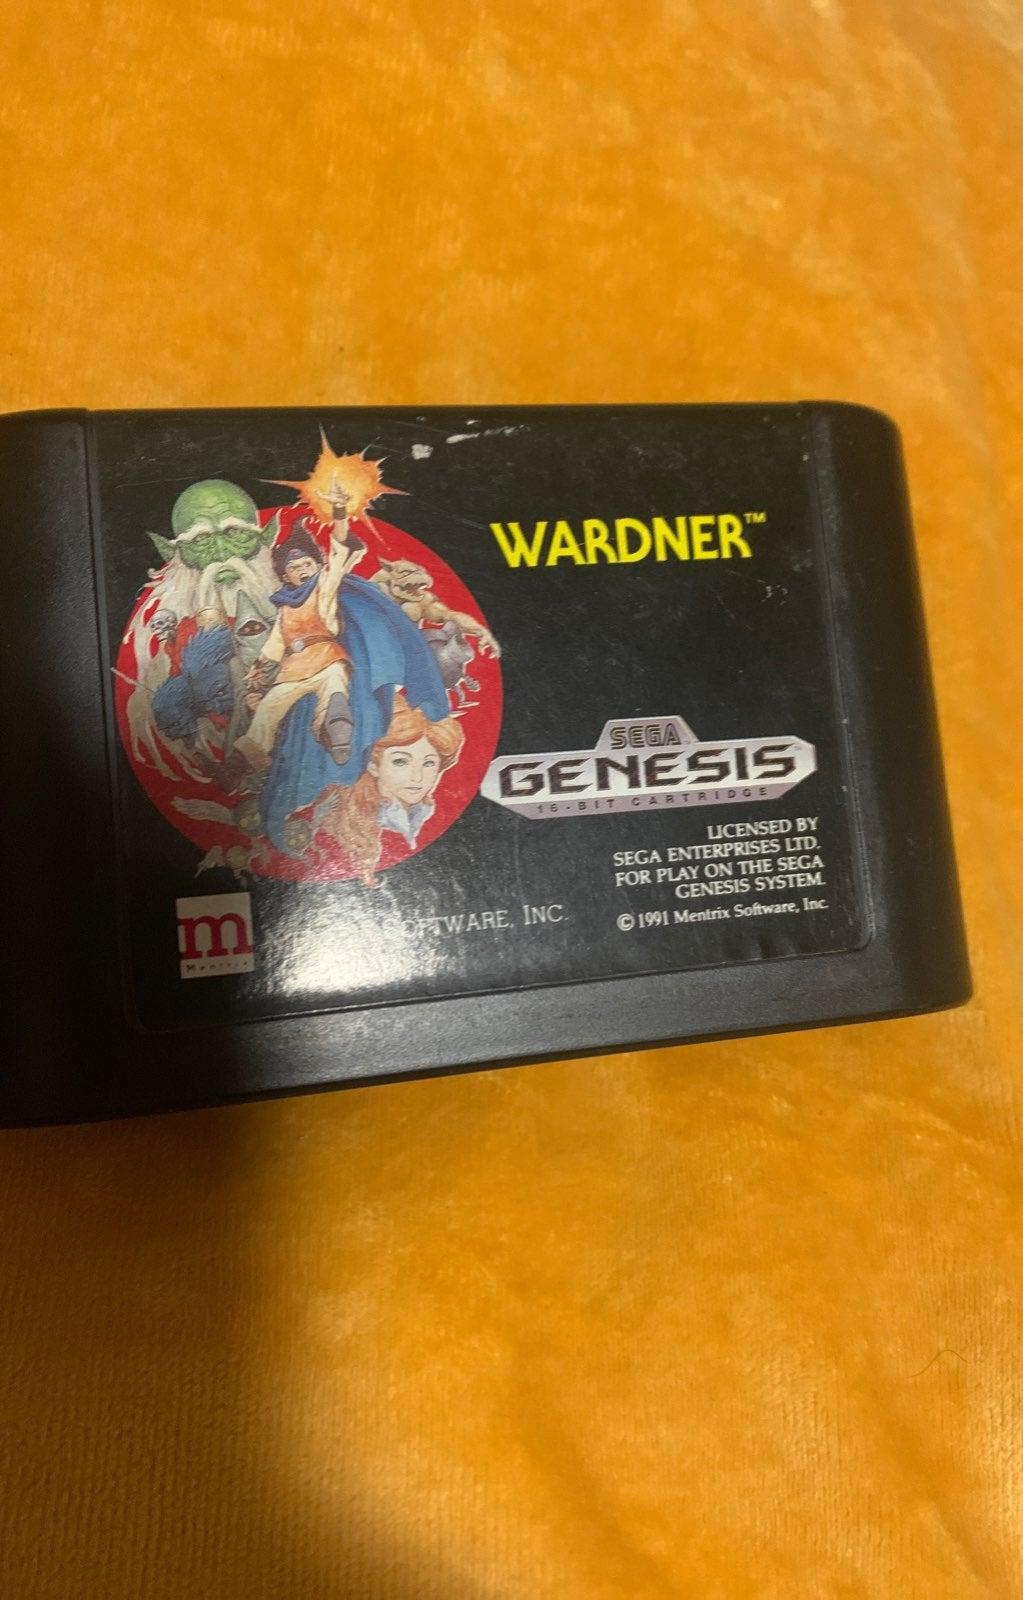 Wardner for sega genesis and rampart